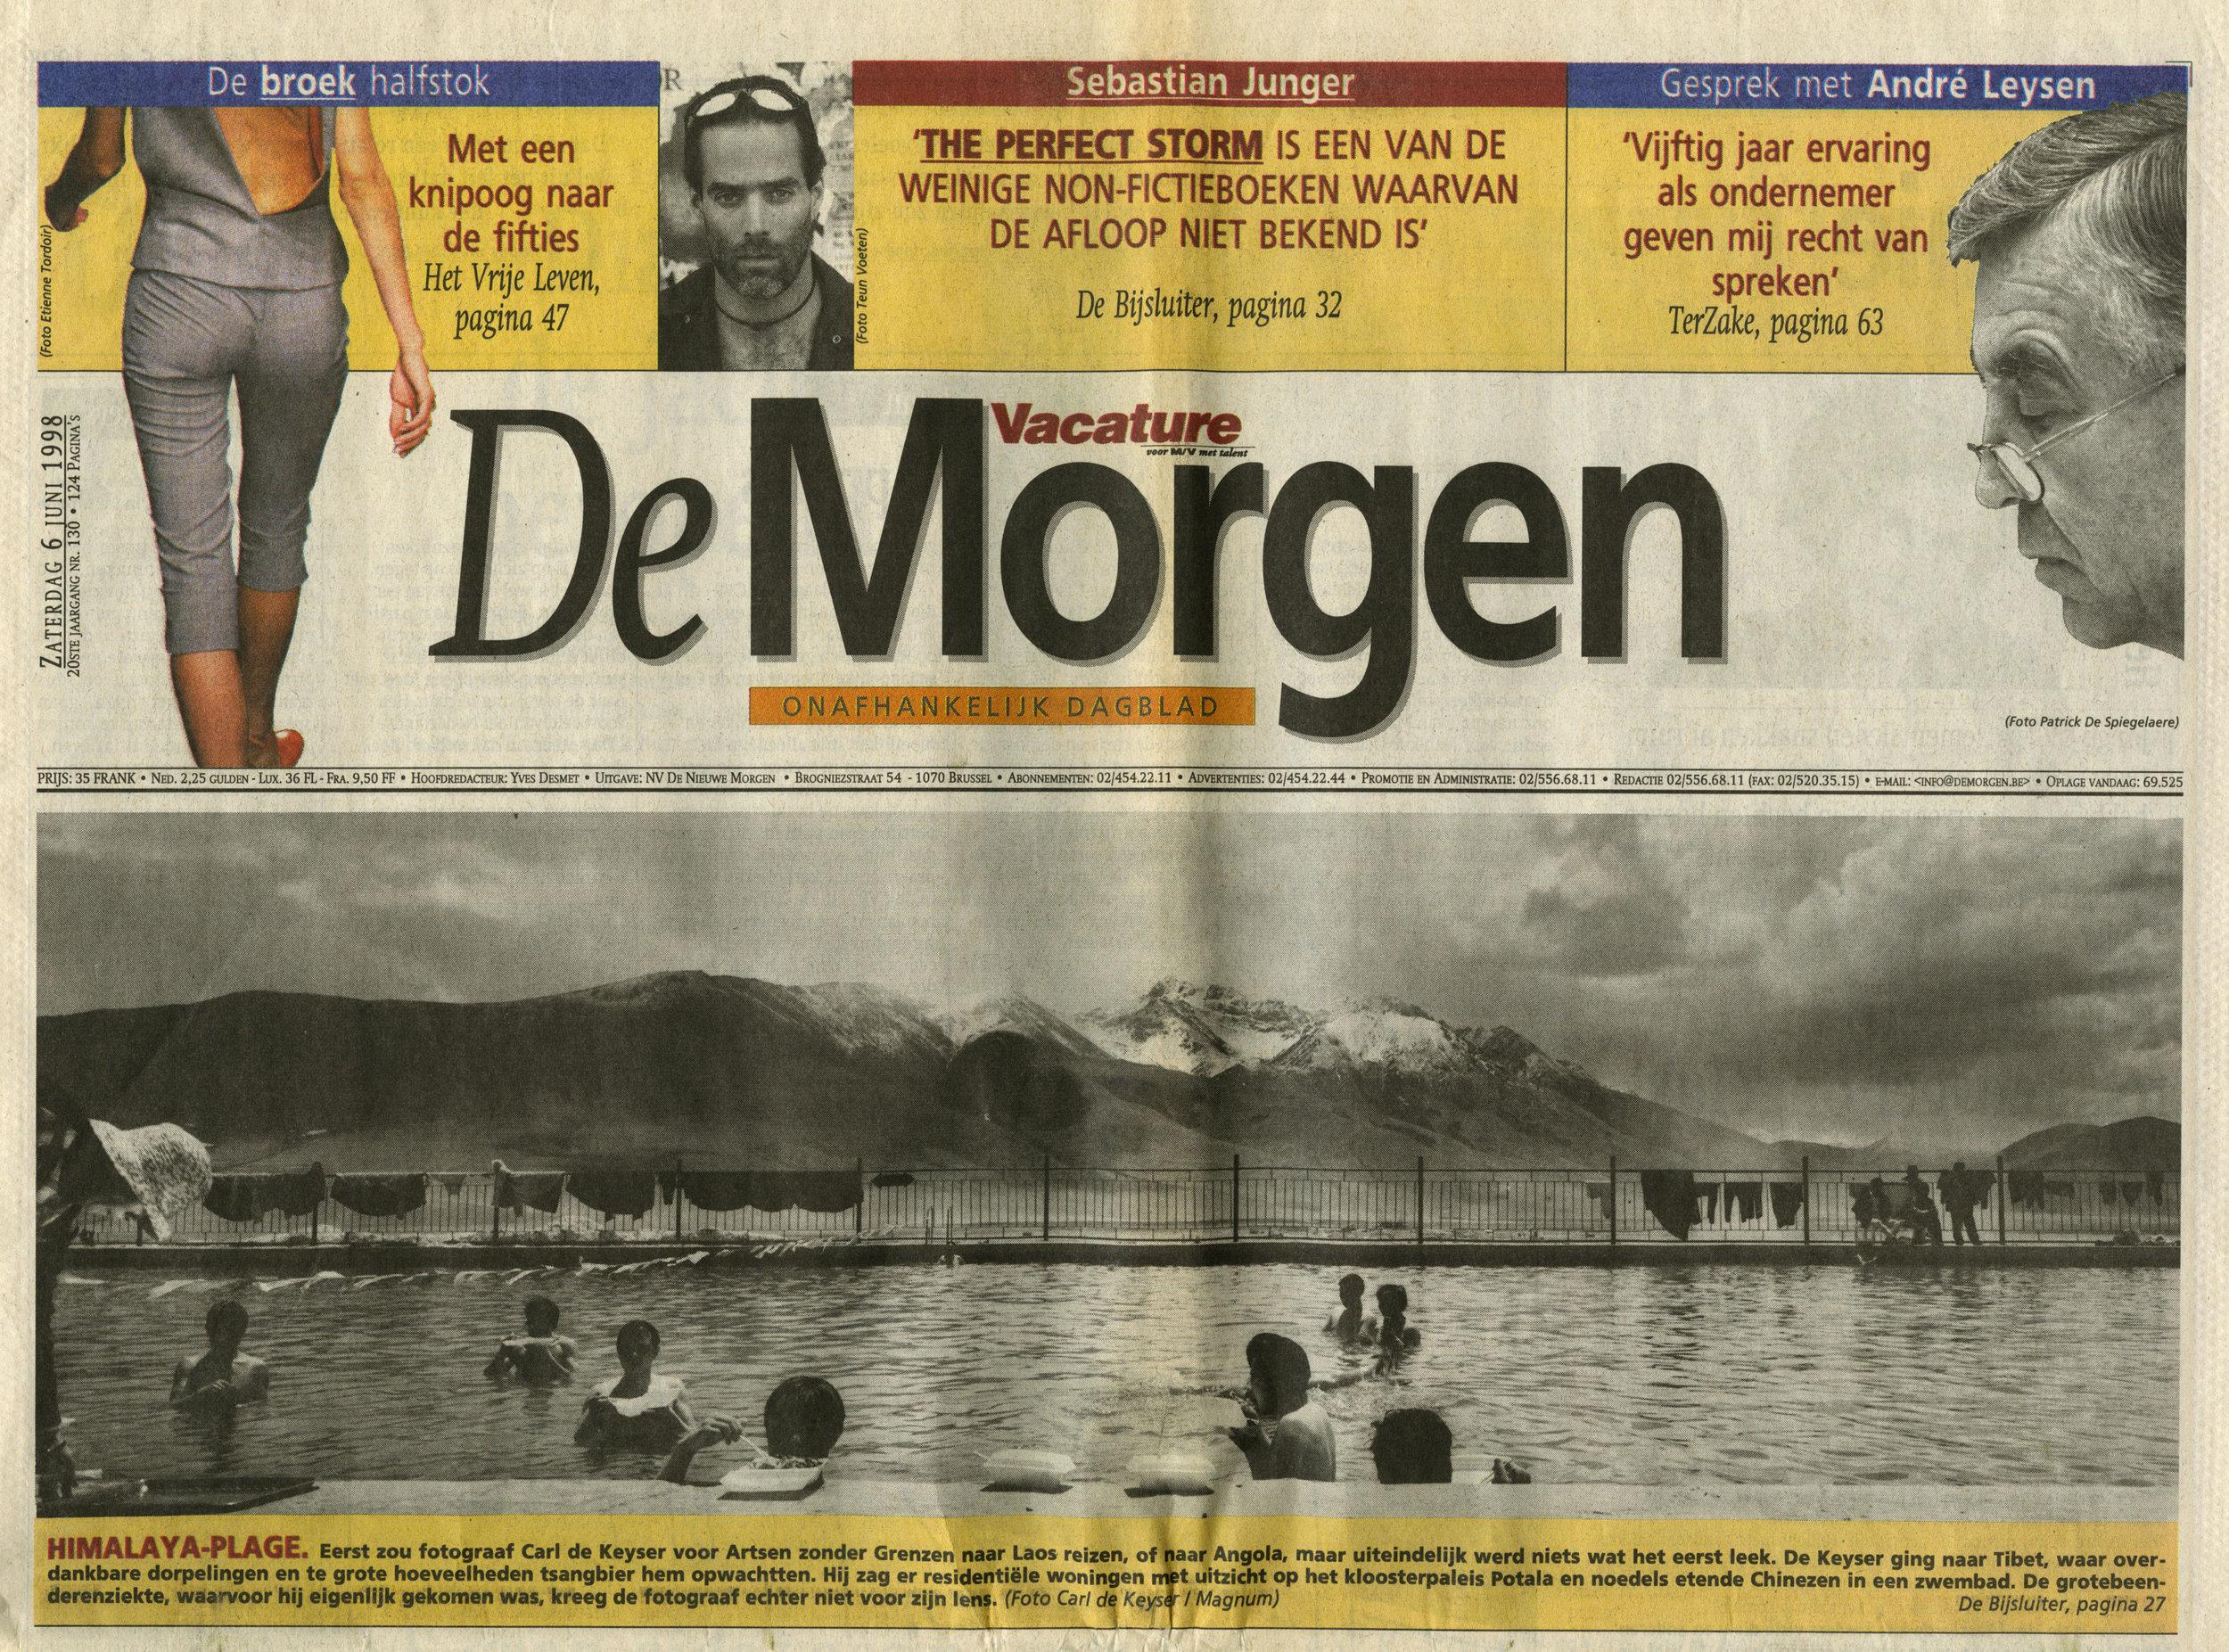 De Morgen (Tibet)